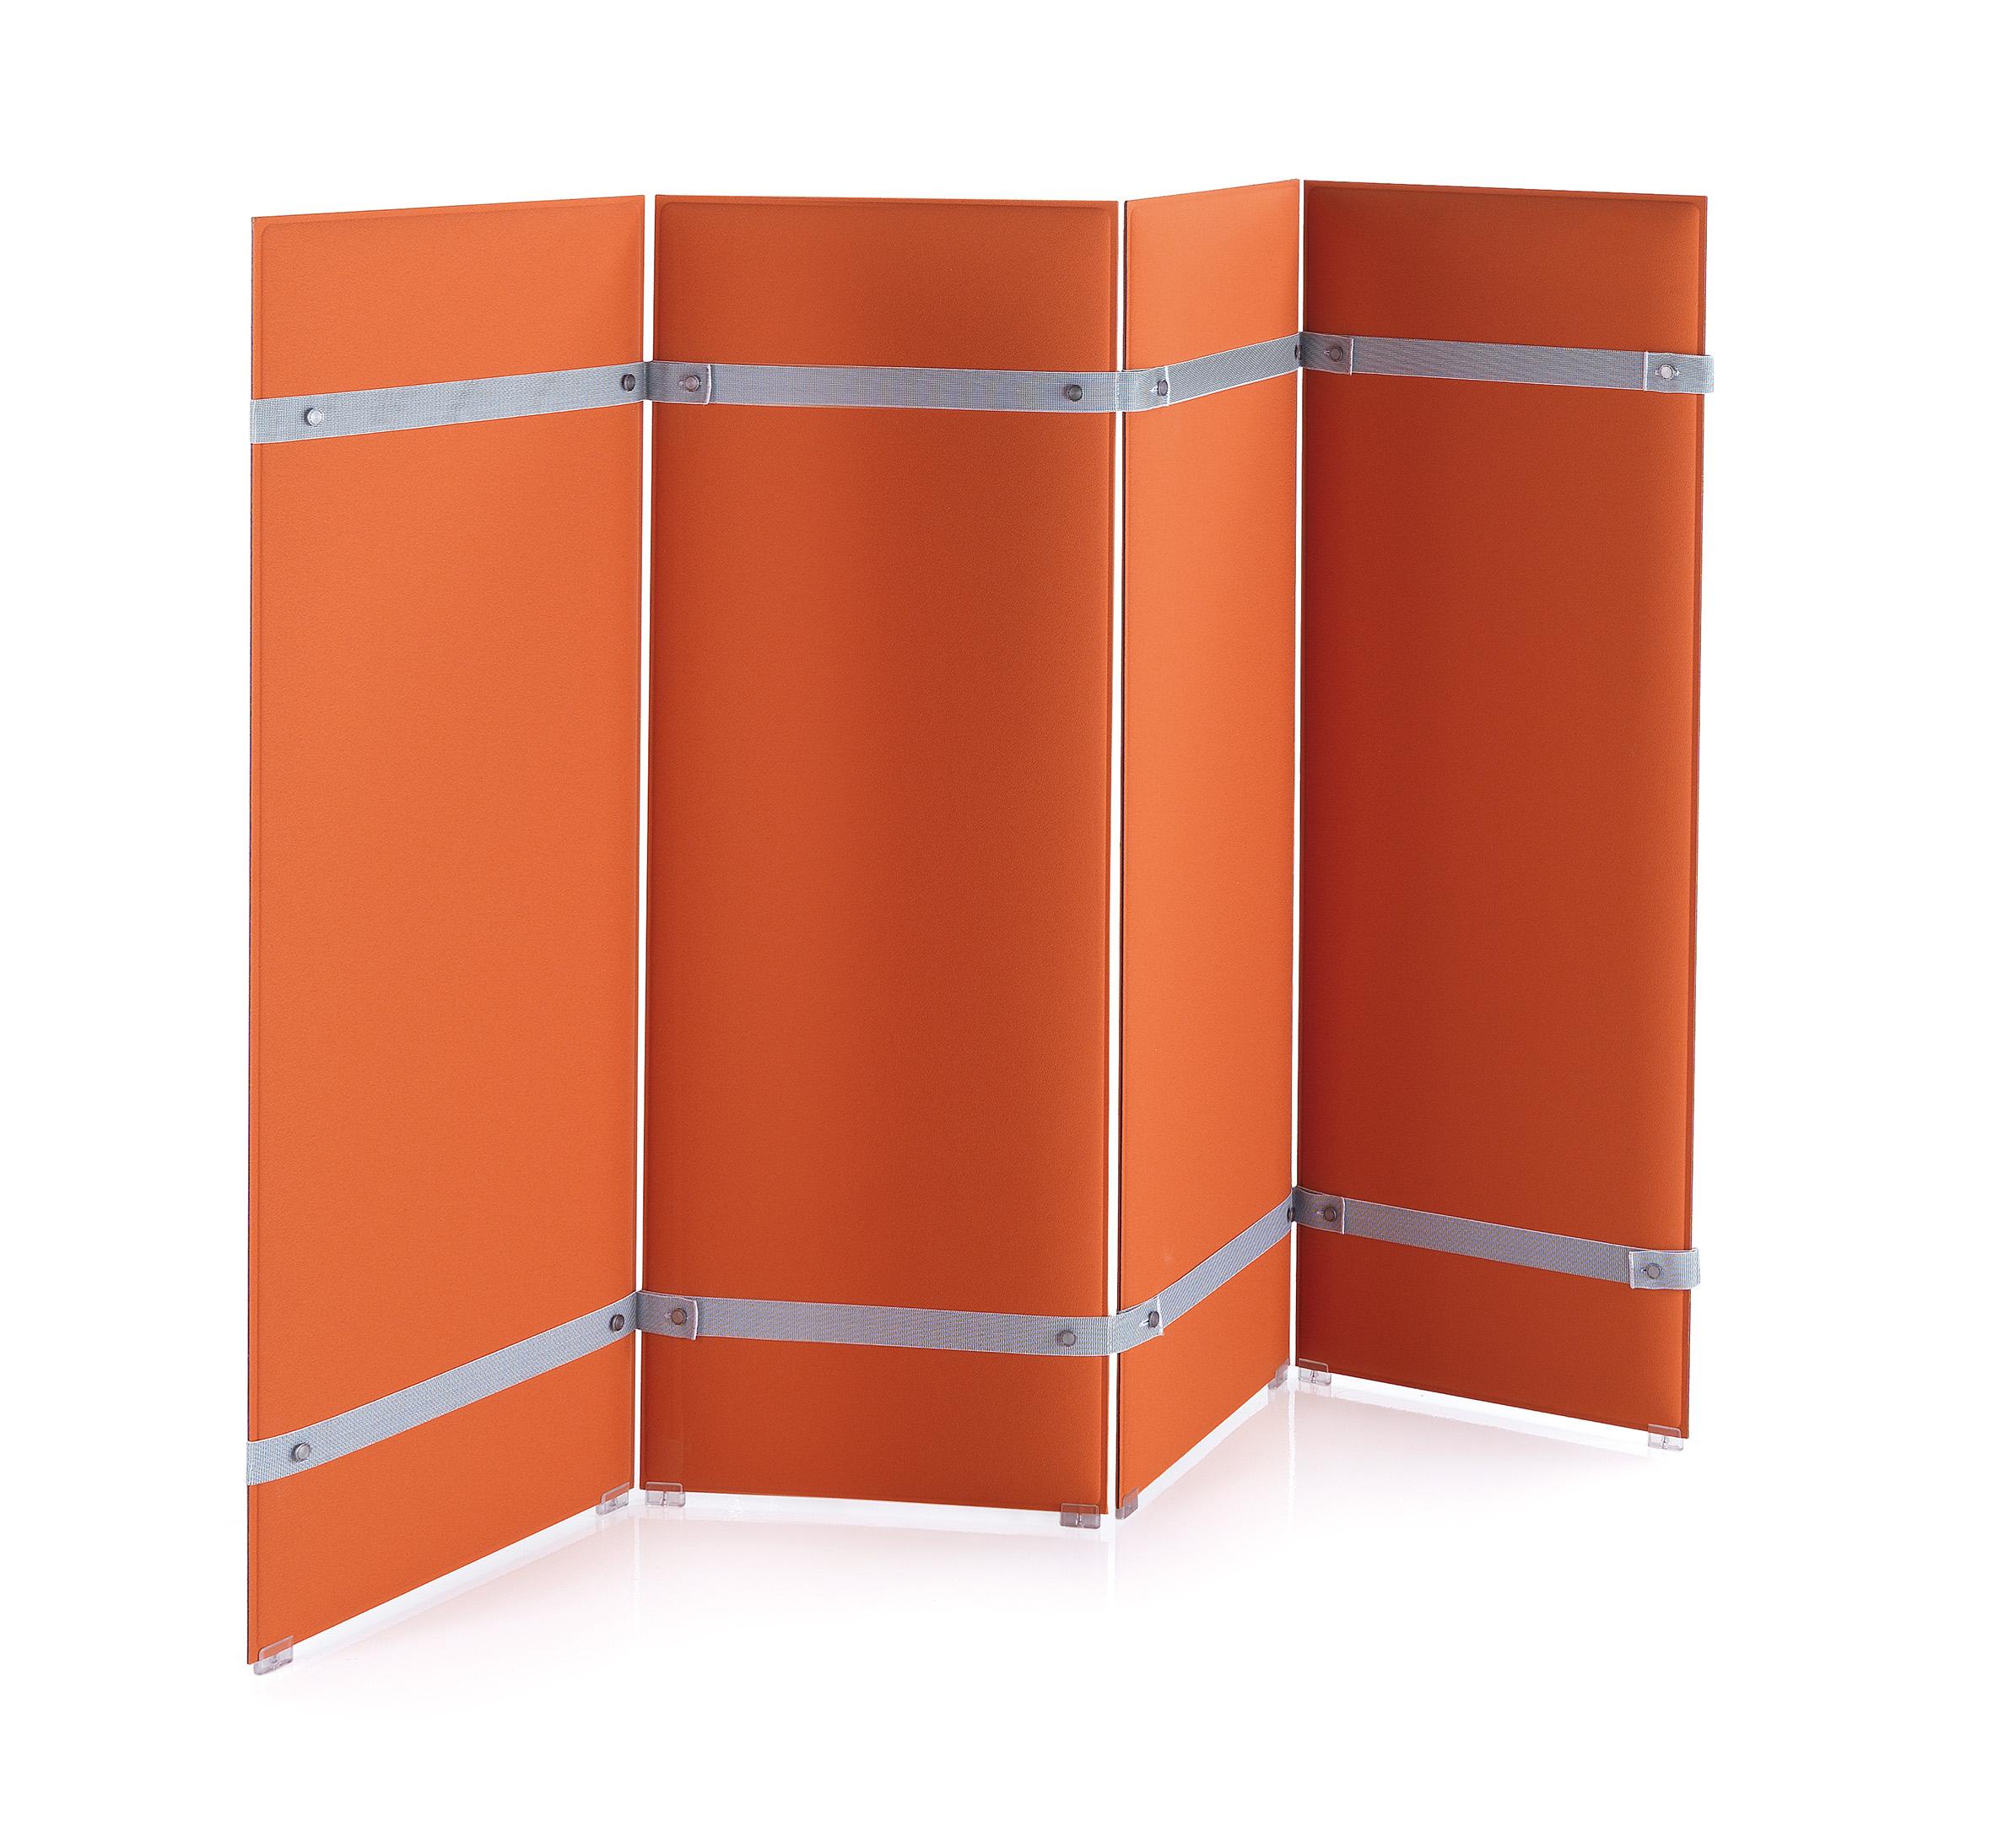 CAIMI Caimi Pli Floor - Gamme de panneaux acoustiques à poser type paravent